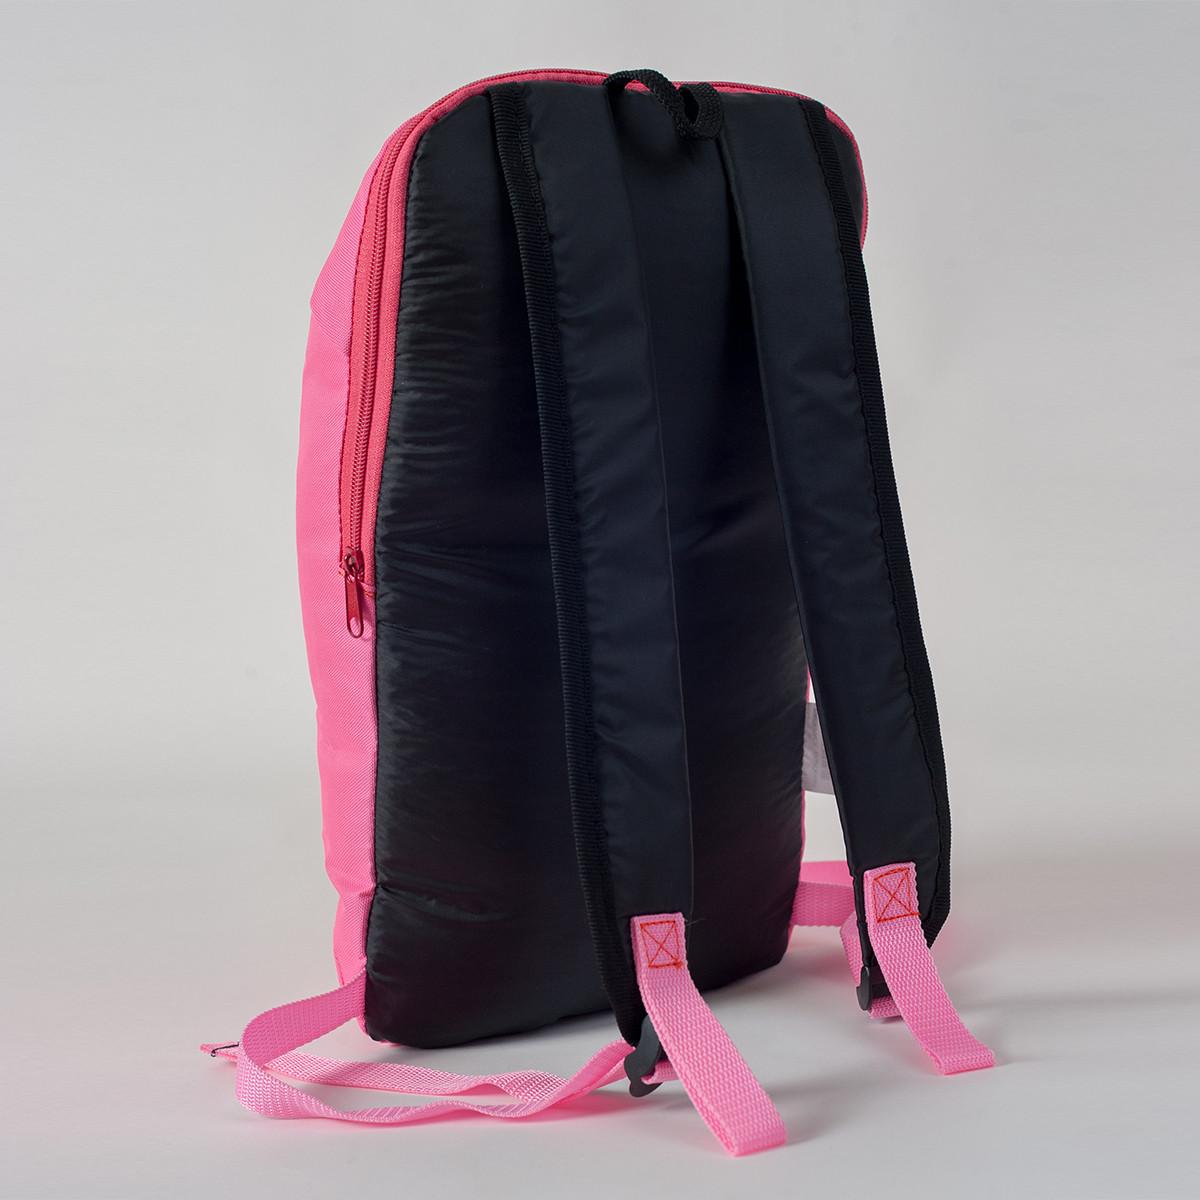 Спортивный рюкзак MAYERS 10L, светло-розовый, фото 3